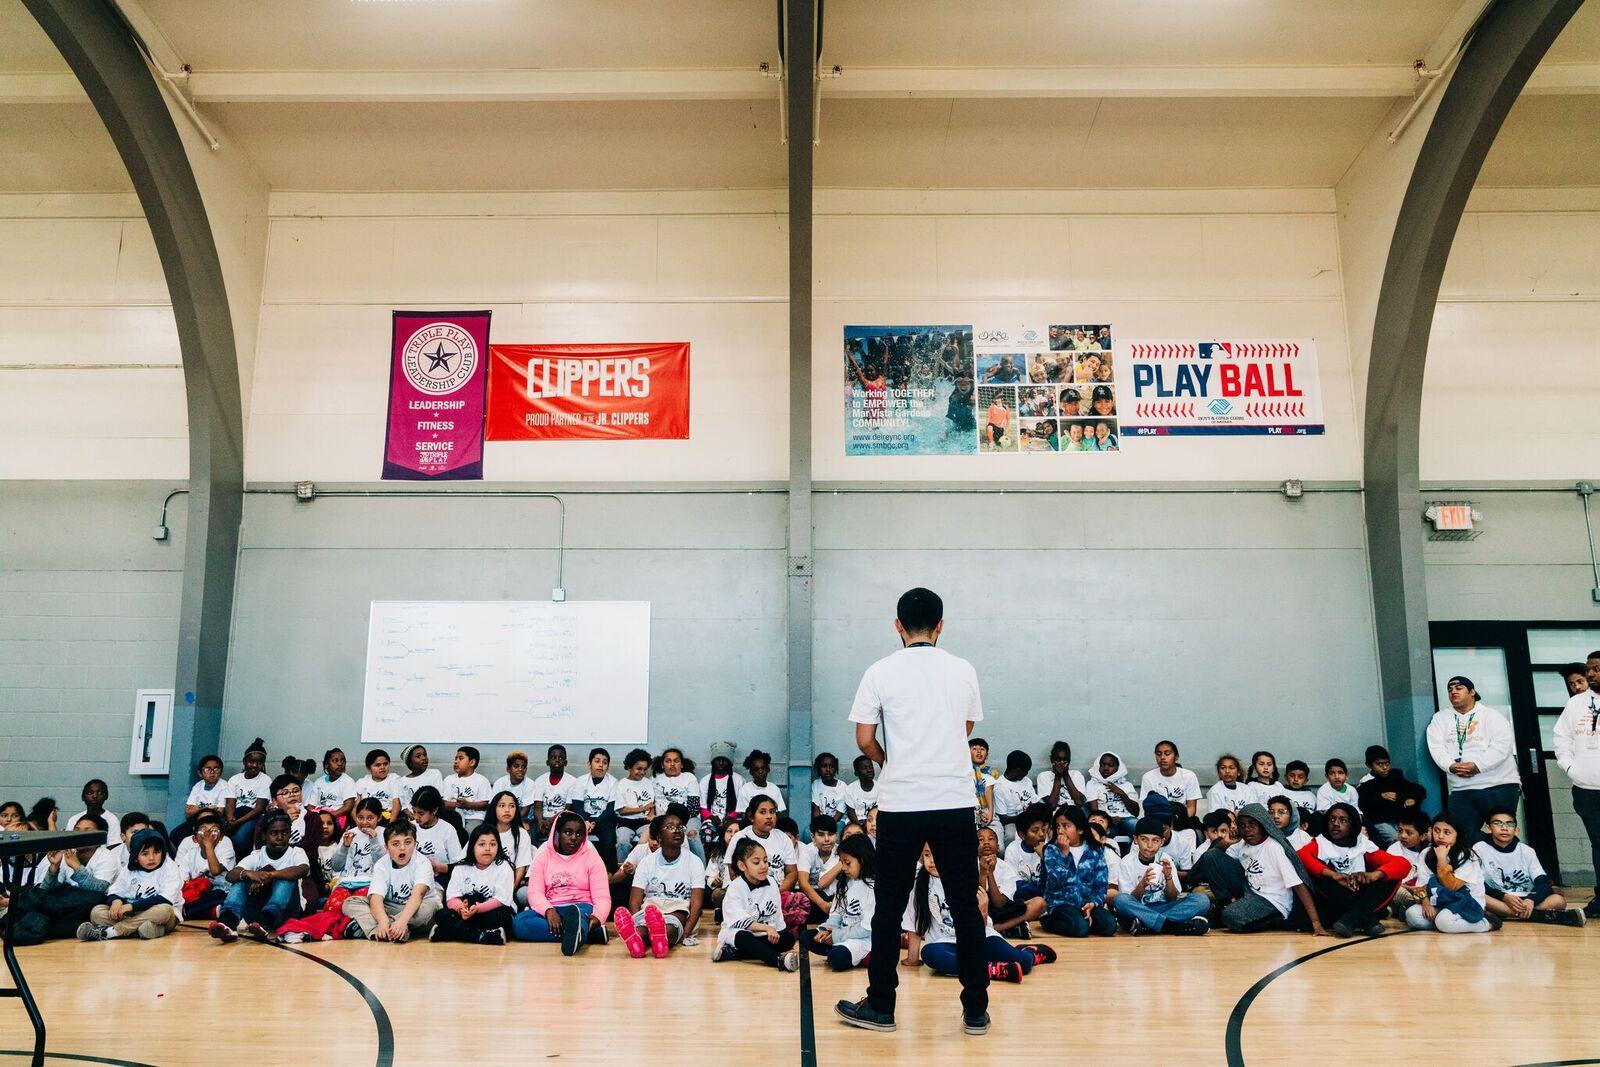 Instructor speaking to children in a gymnasium